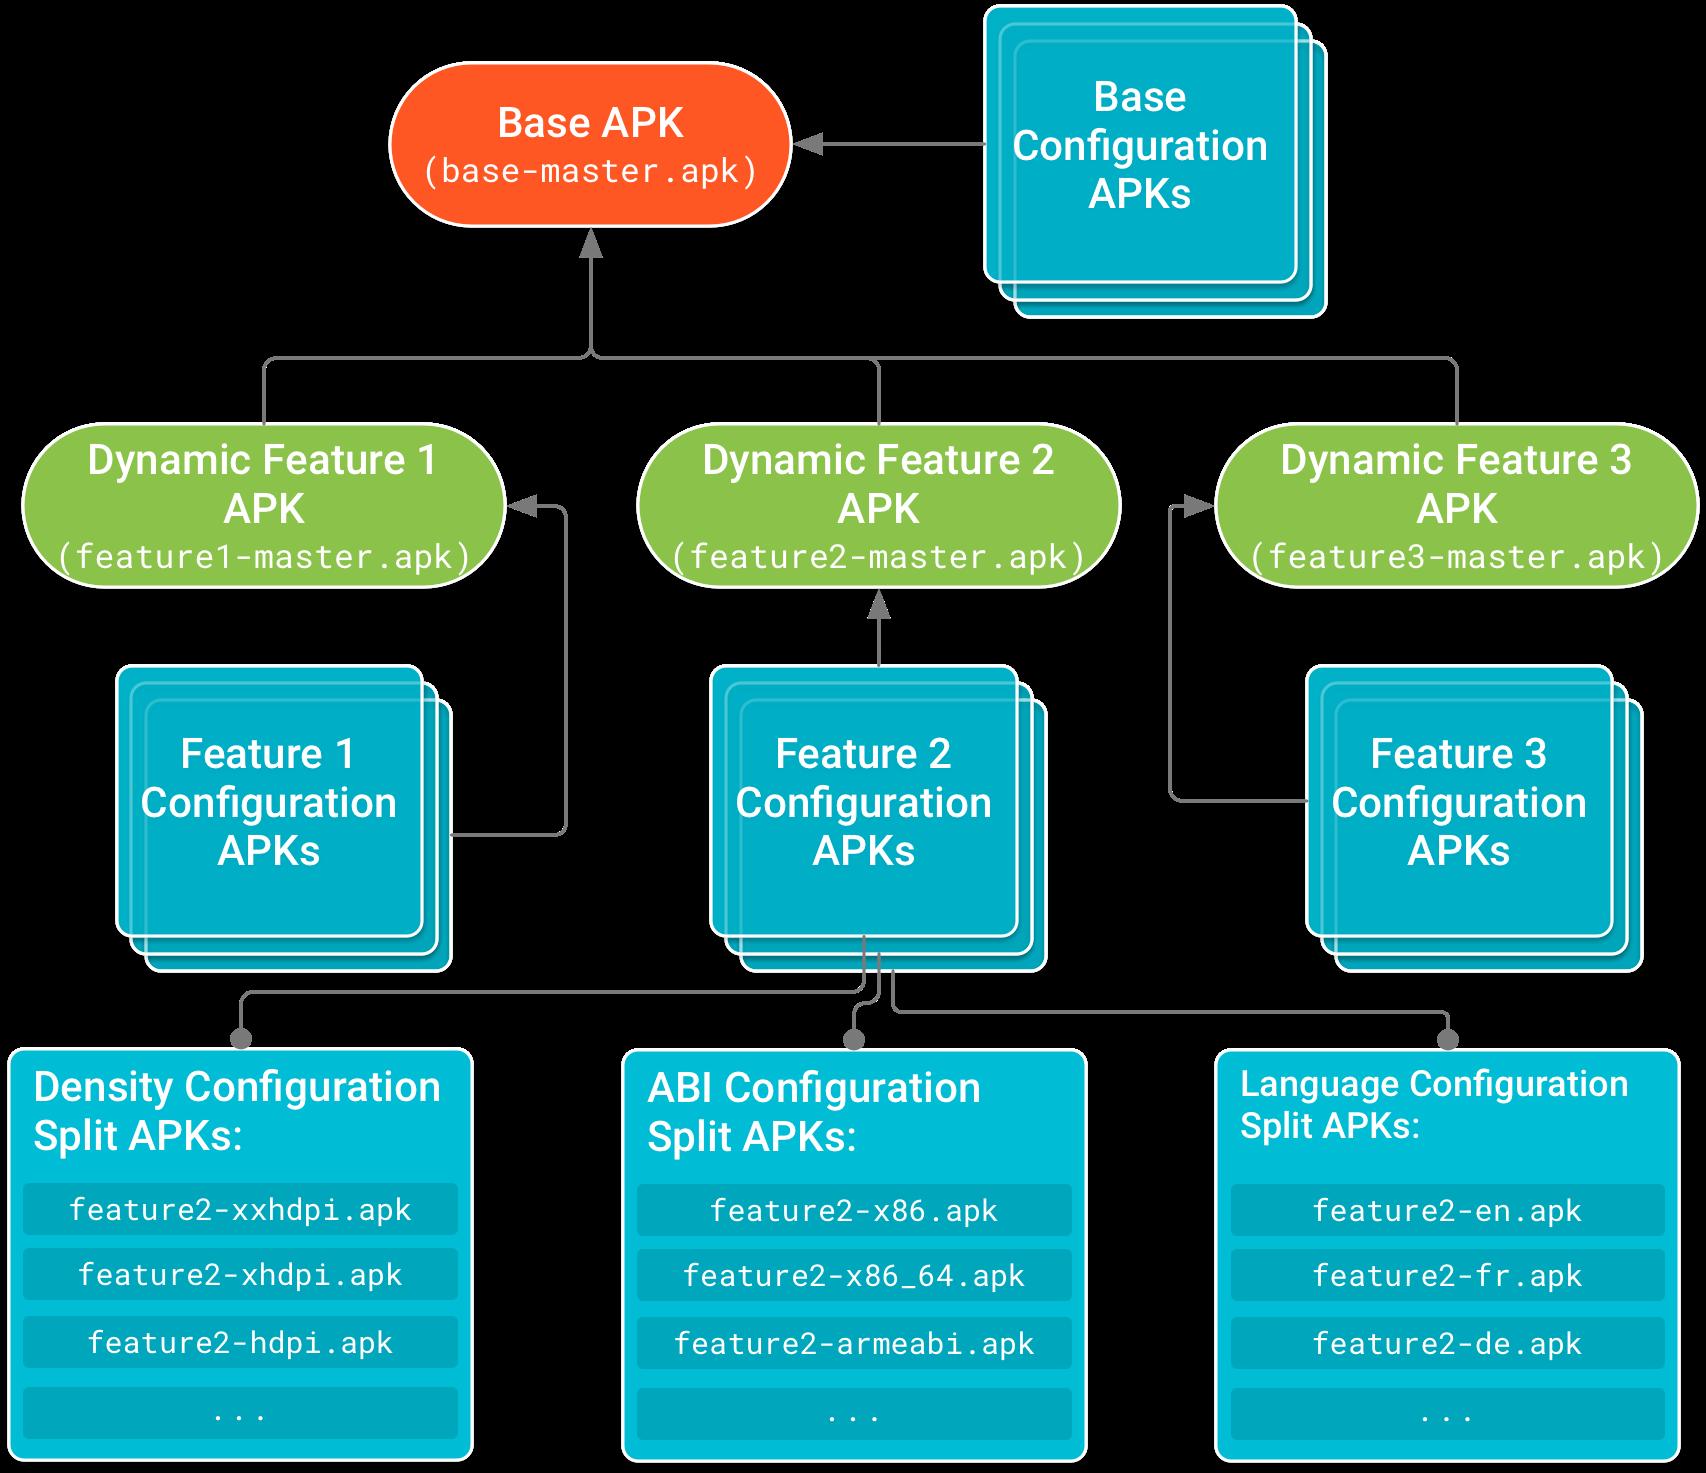 O APK básico está no topo da árvore, e todos os outros APKs de recursos dinâmicos dependem dele. APKs de configuração, que incluem código e recursos específicos da configuração do dispositivo para base e cada APK de recursos dinâmicos, formam os nós folhas da árvore de dependência.